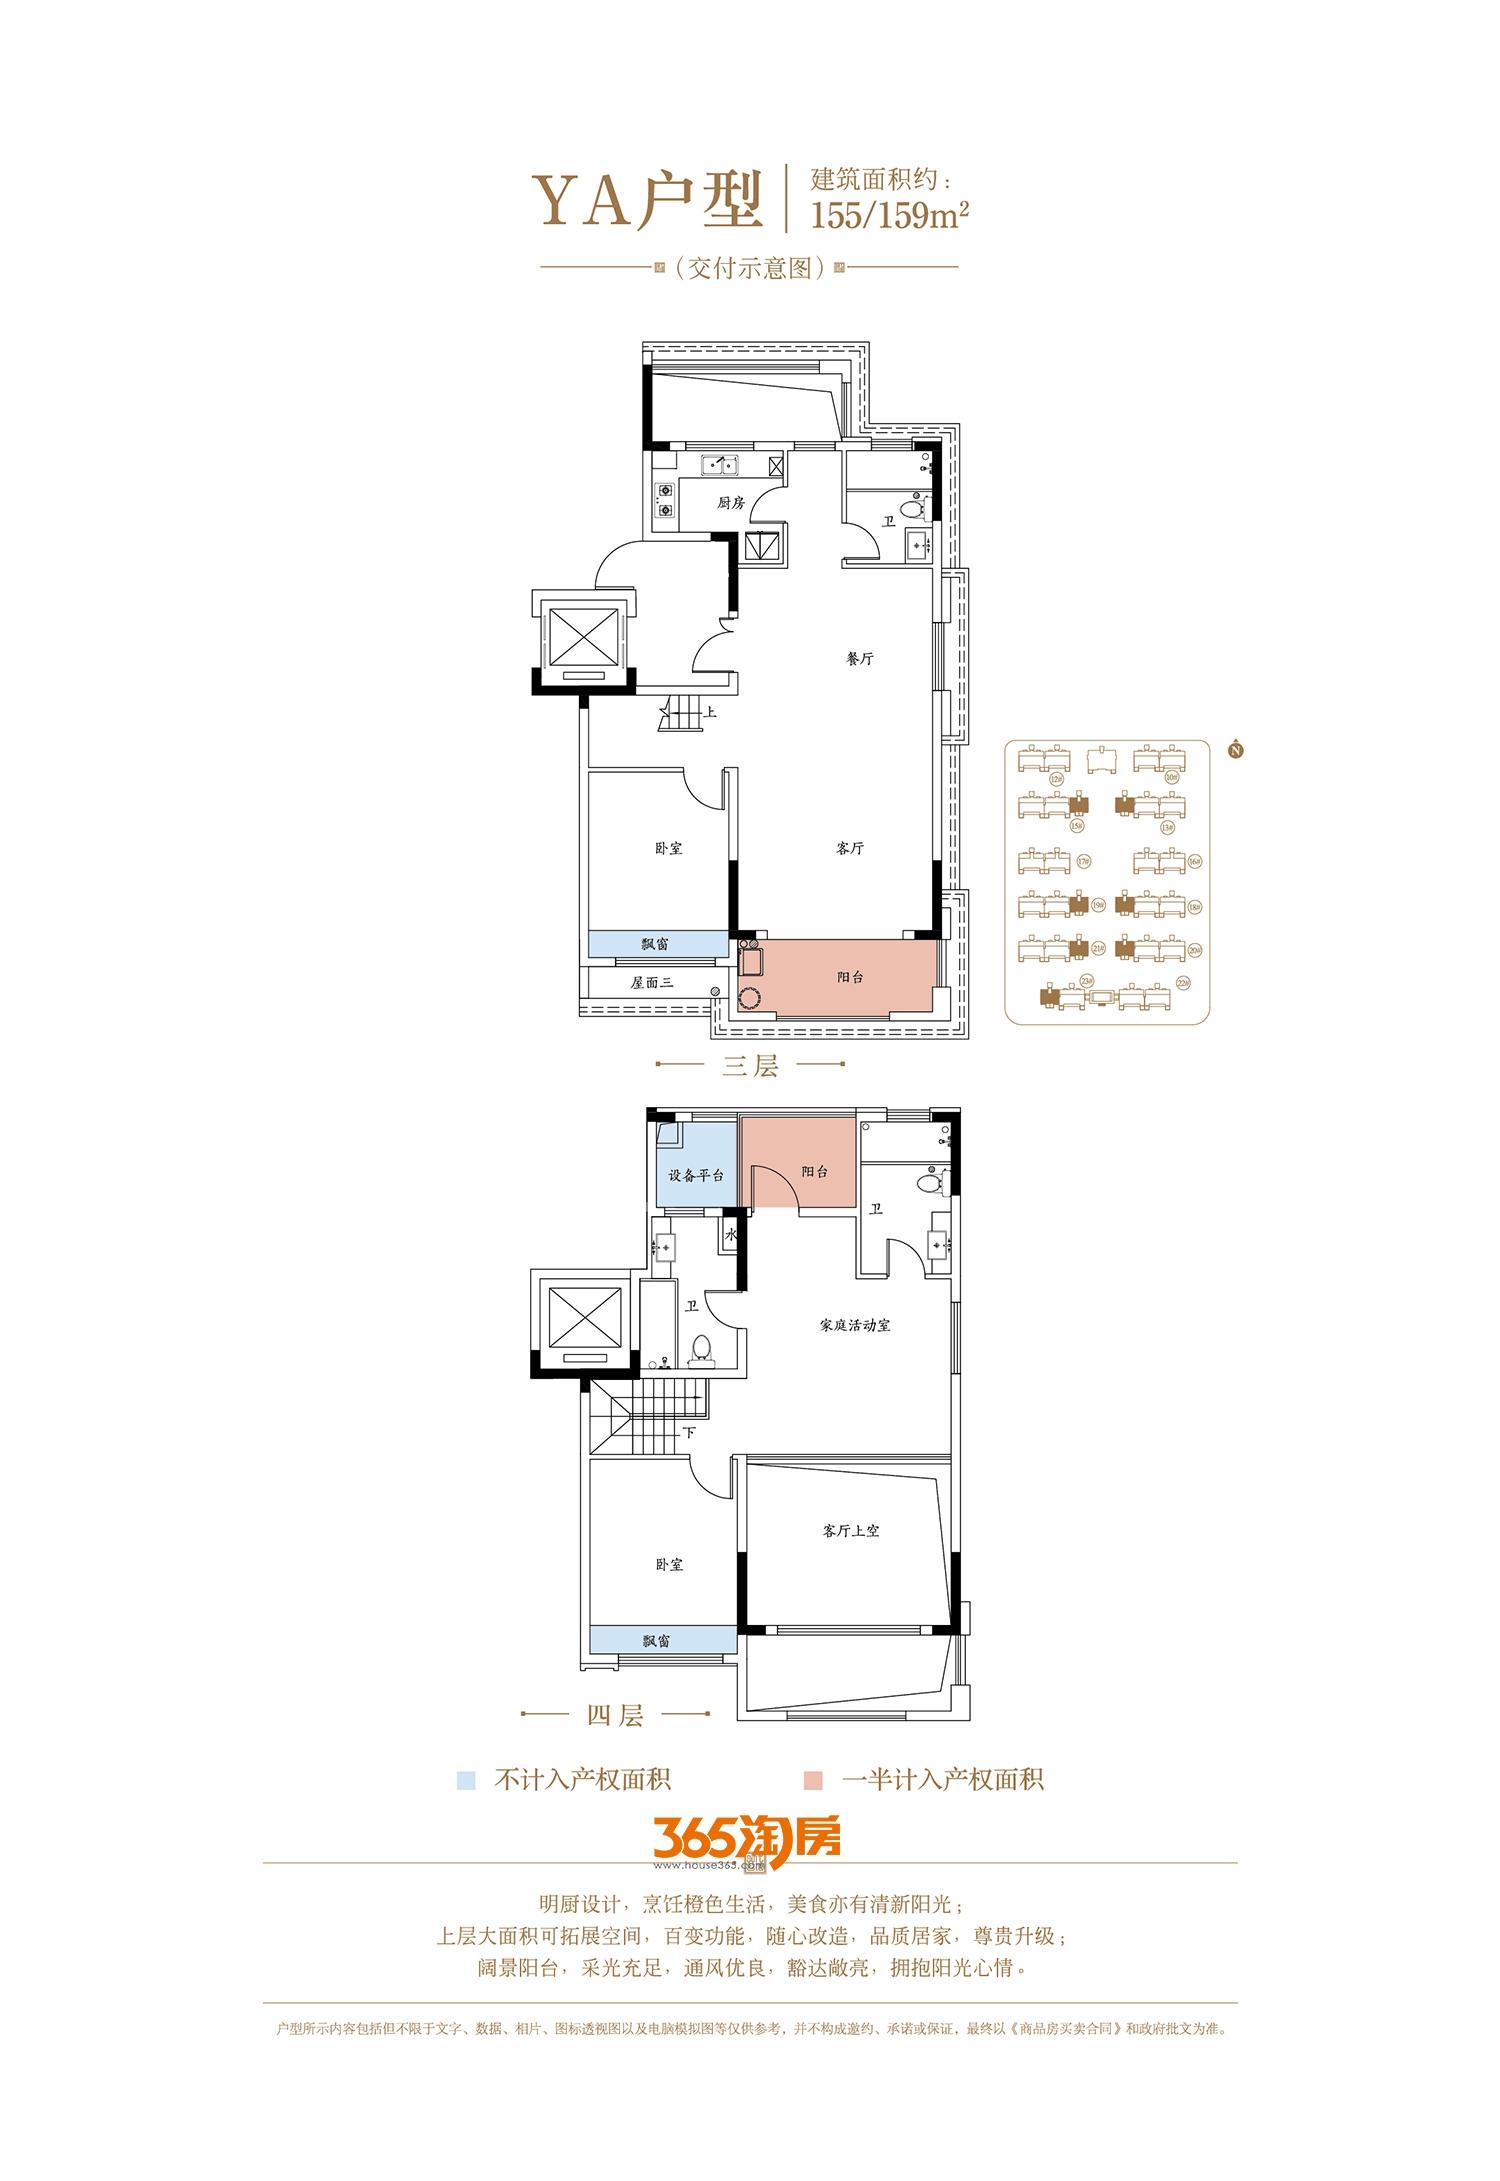 YA户型交付示意图(155/159平米)